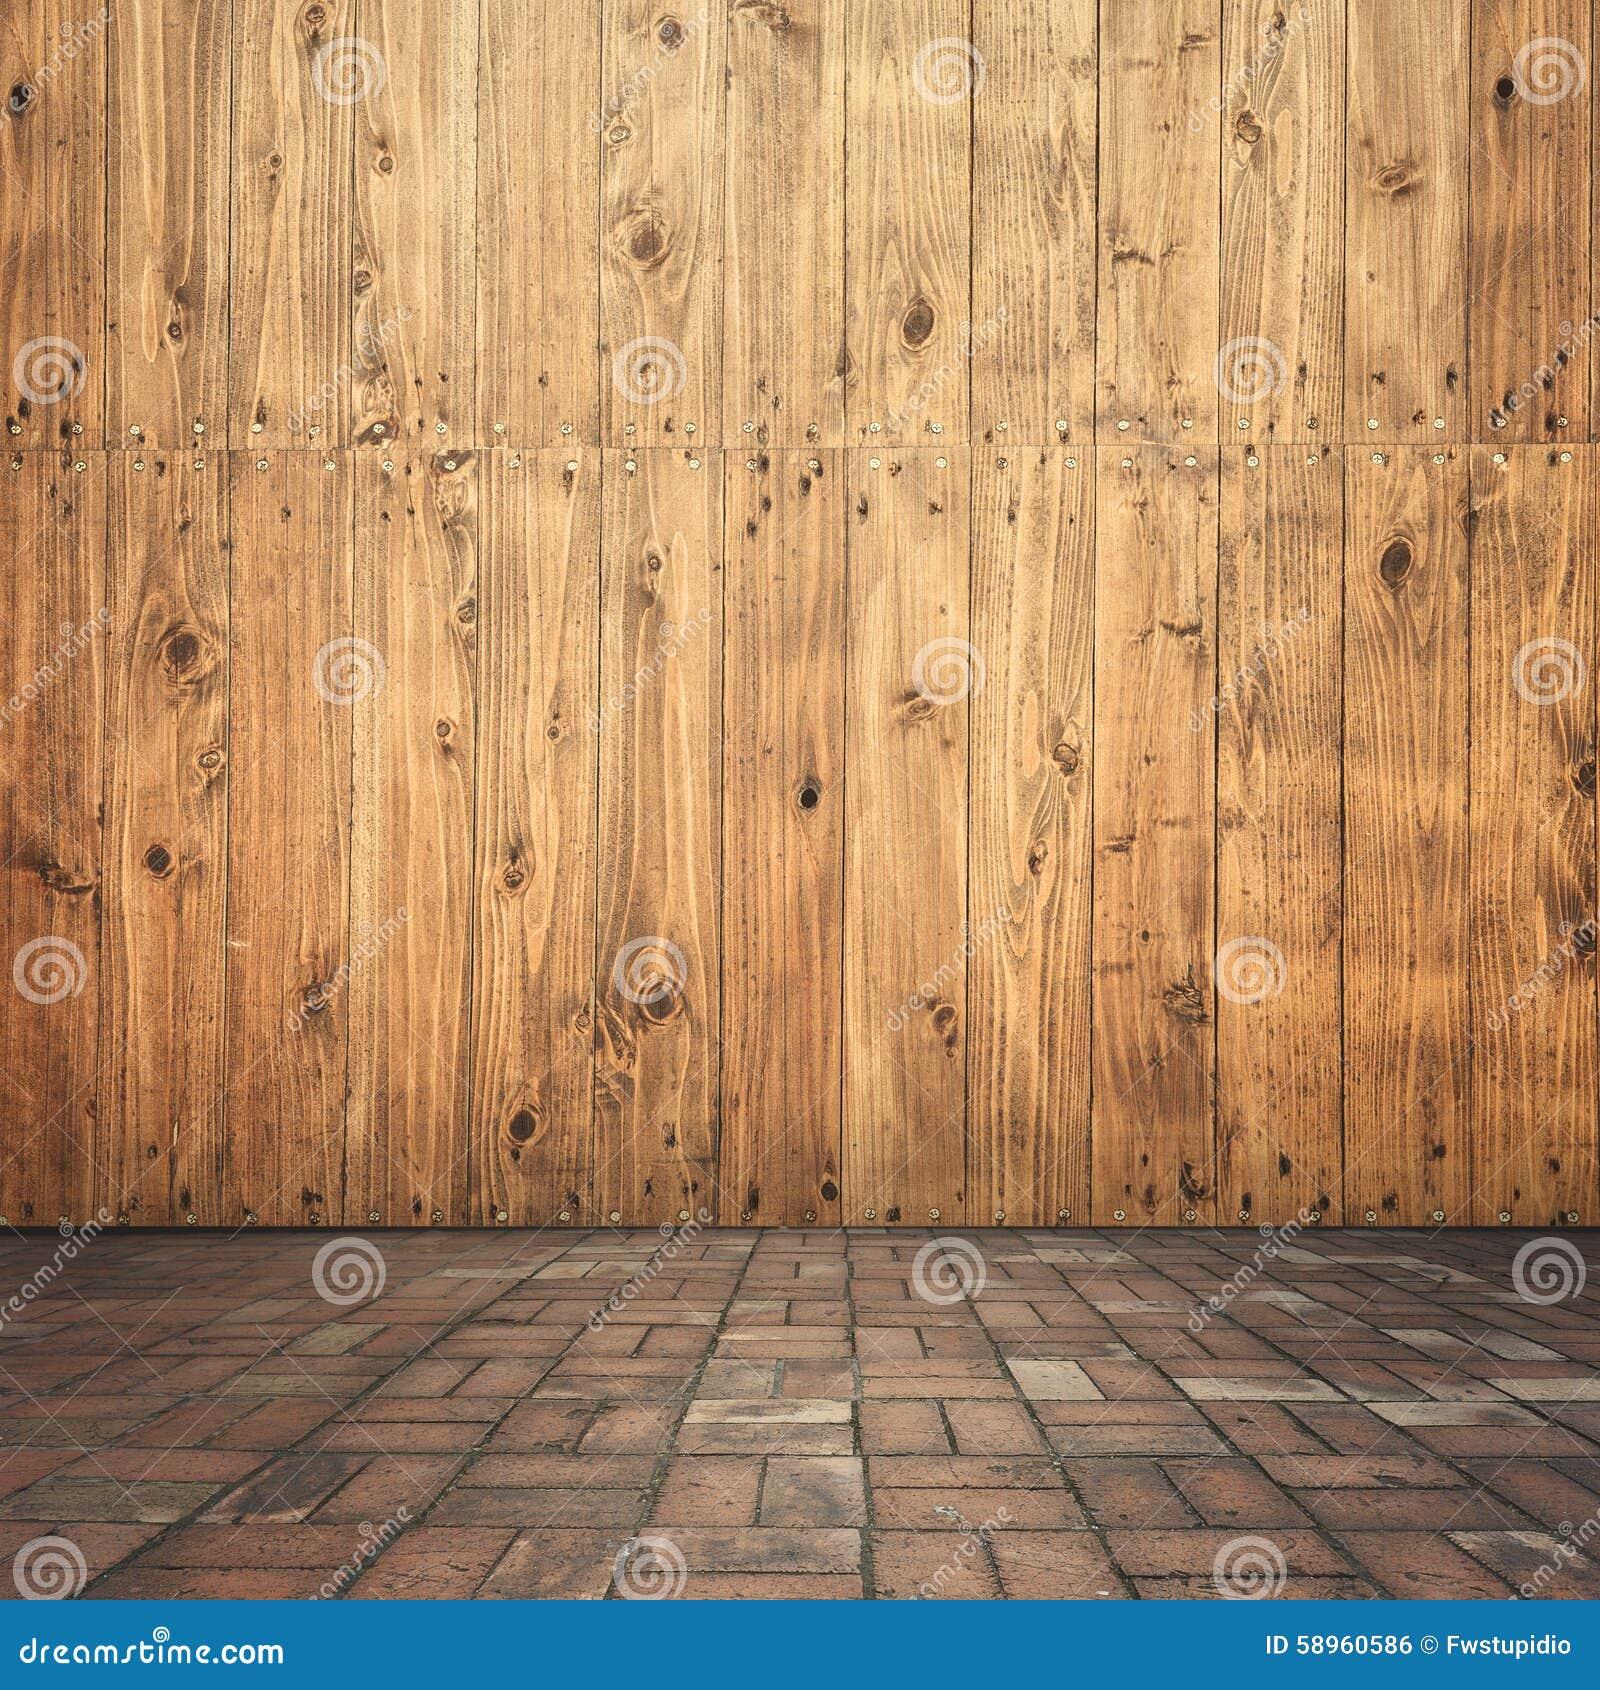 holz auf wand und ziegelsteinboden f r ihr haus und f r hintergrund stockfoto bild 58960586. Black Bedroom Furniture Sets. Home Design Ideas